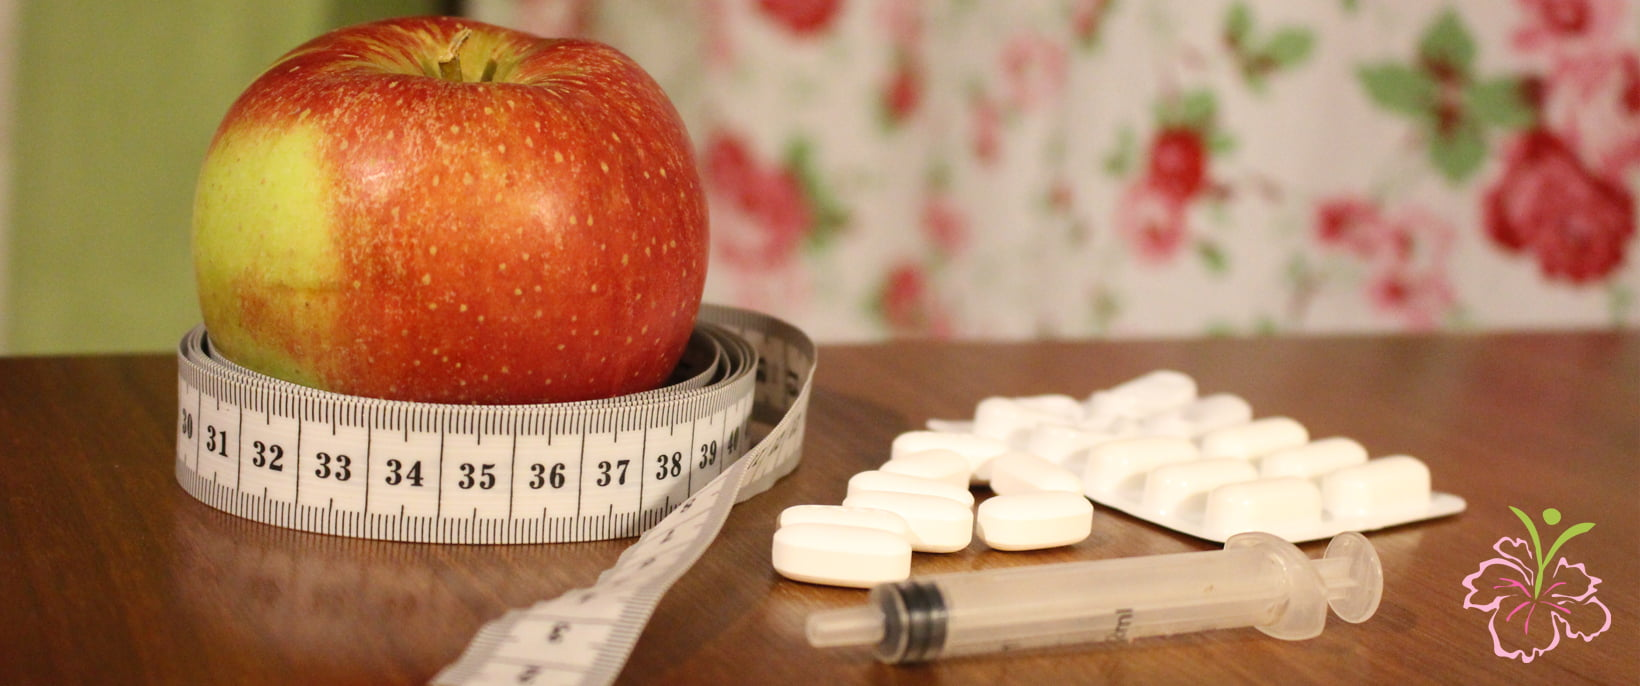 Du möchtest gesund und schlank sein? Dann hör auf mit Diäten!